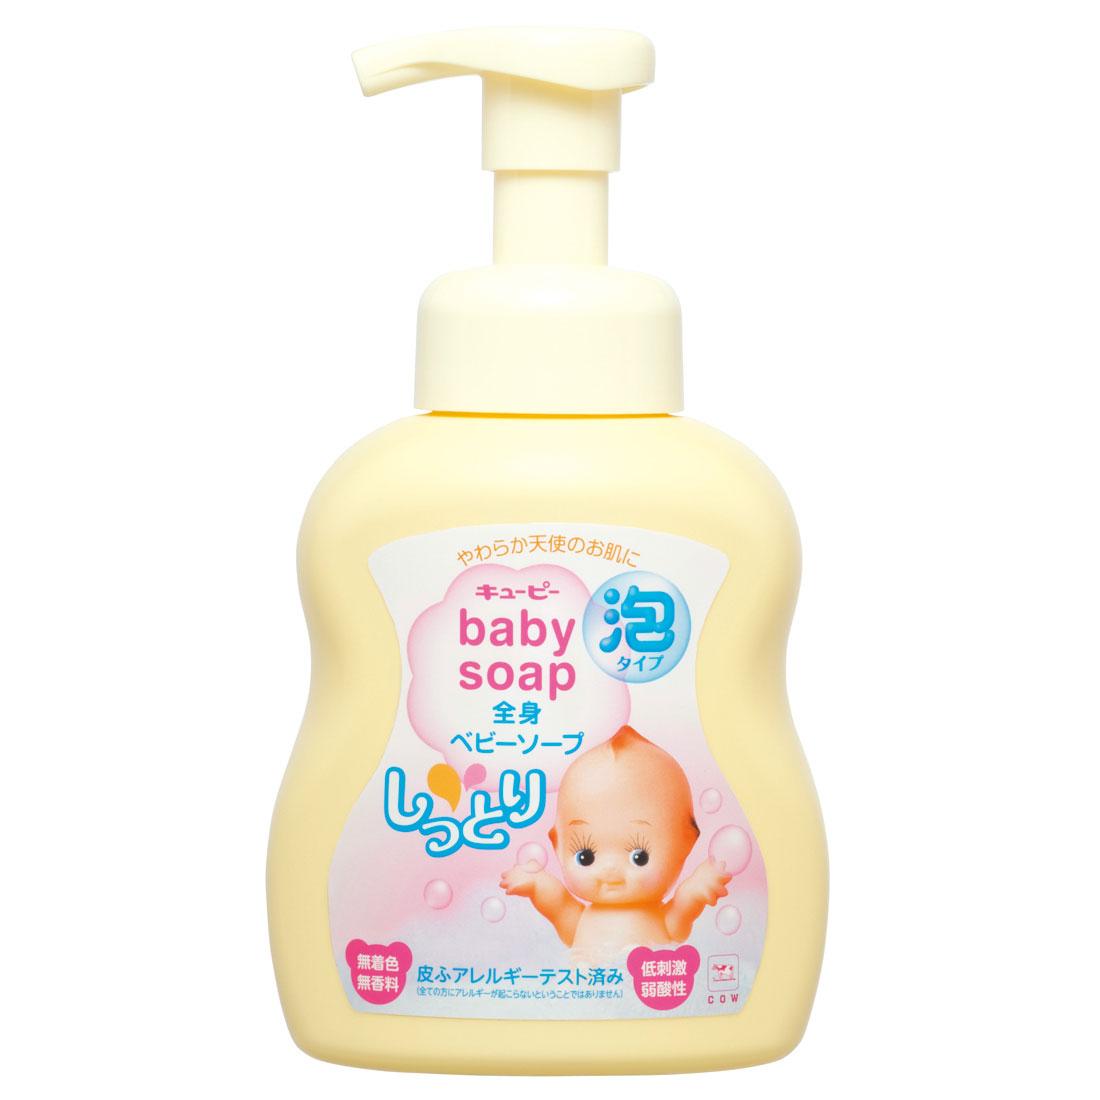 Увлажняющее жидкое мыло-пена для малыша Cow, 400 мл. Q-18-061Q-18-061Увлажняющее жидкое мыло-пена Cow разработано для ежедневного мытья тела и волос малыша. Моющая основа из компонентов аминокислотного происхождения мягко удаляет загрязнения, не смывая естественный жировой слой кожи. Содержит природный сквалан, который защищает кожу, и вытяжку из солодки для мягкого увлажнения. Мыло не содержит красителей и ароматизаторов и не раздражает кожу. Прекрасно подходит взрослым с чувствительной кожей. Характеристики: Объем: 400 мл.